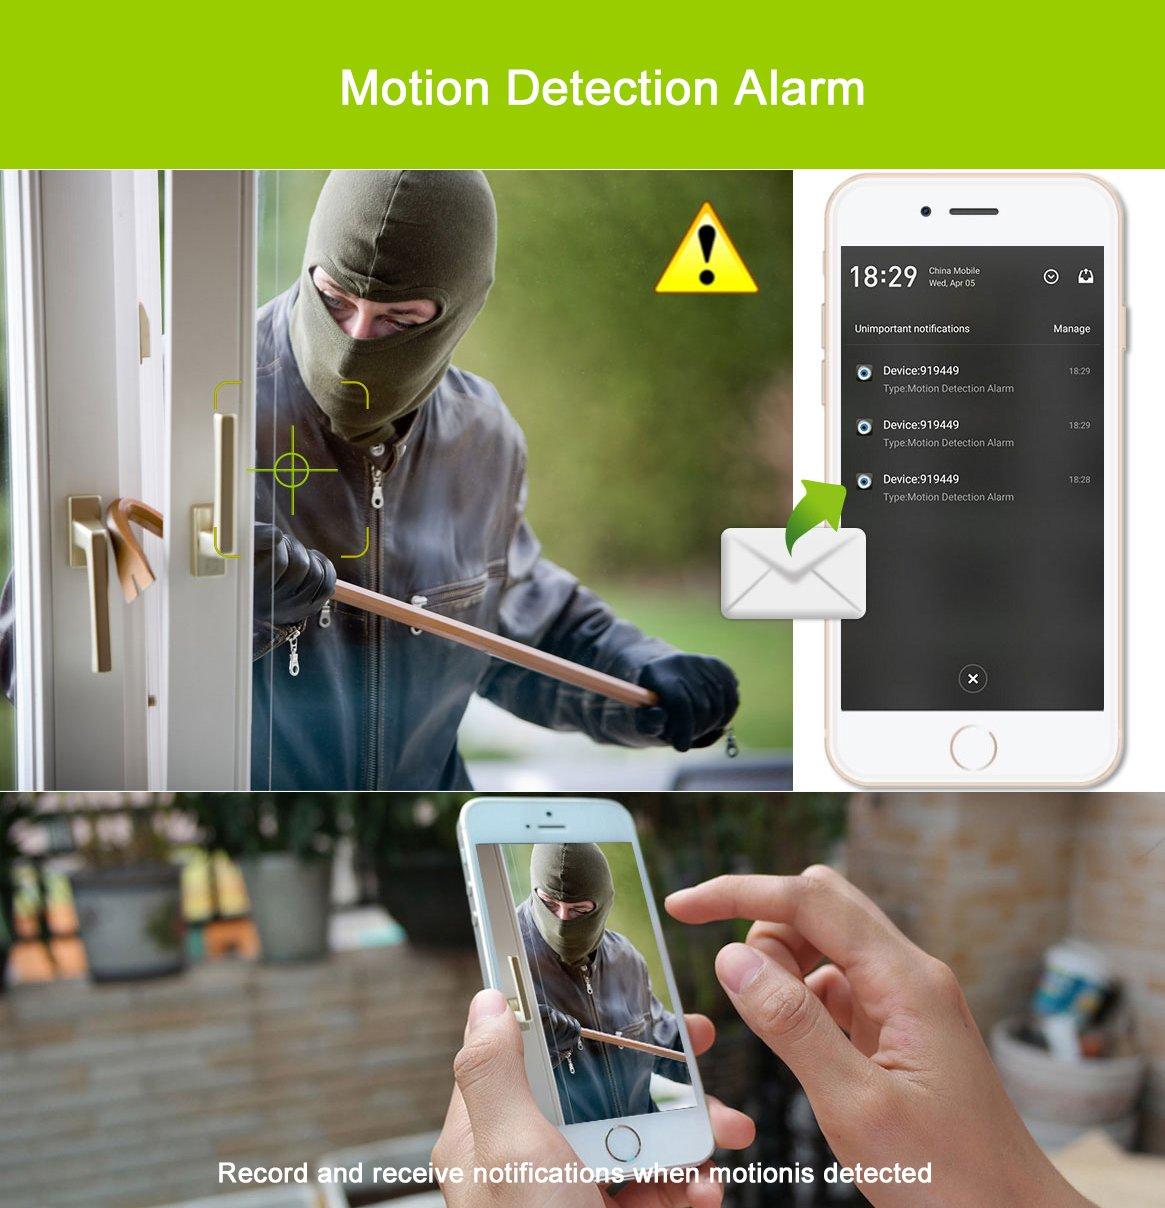 Sricam Exterior Cámara de vigilancia WiFi/Ethernet Cámara IP Dom 720P Alarma de Movimiento Visión Nocturna Impermeable App y Manual en español Sricam App ...